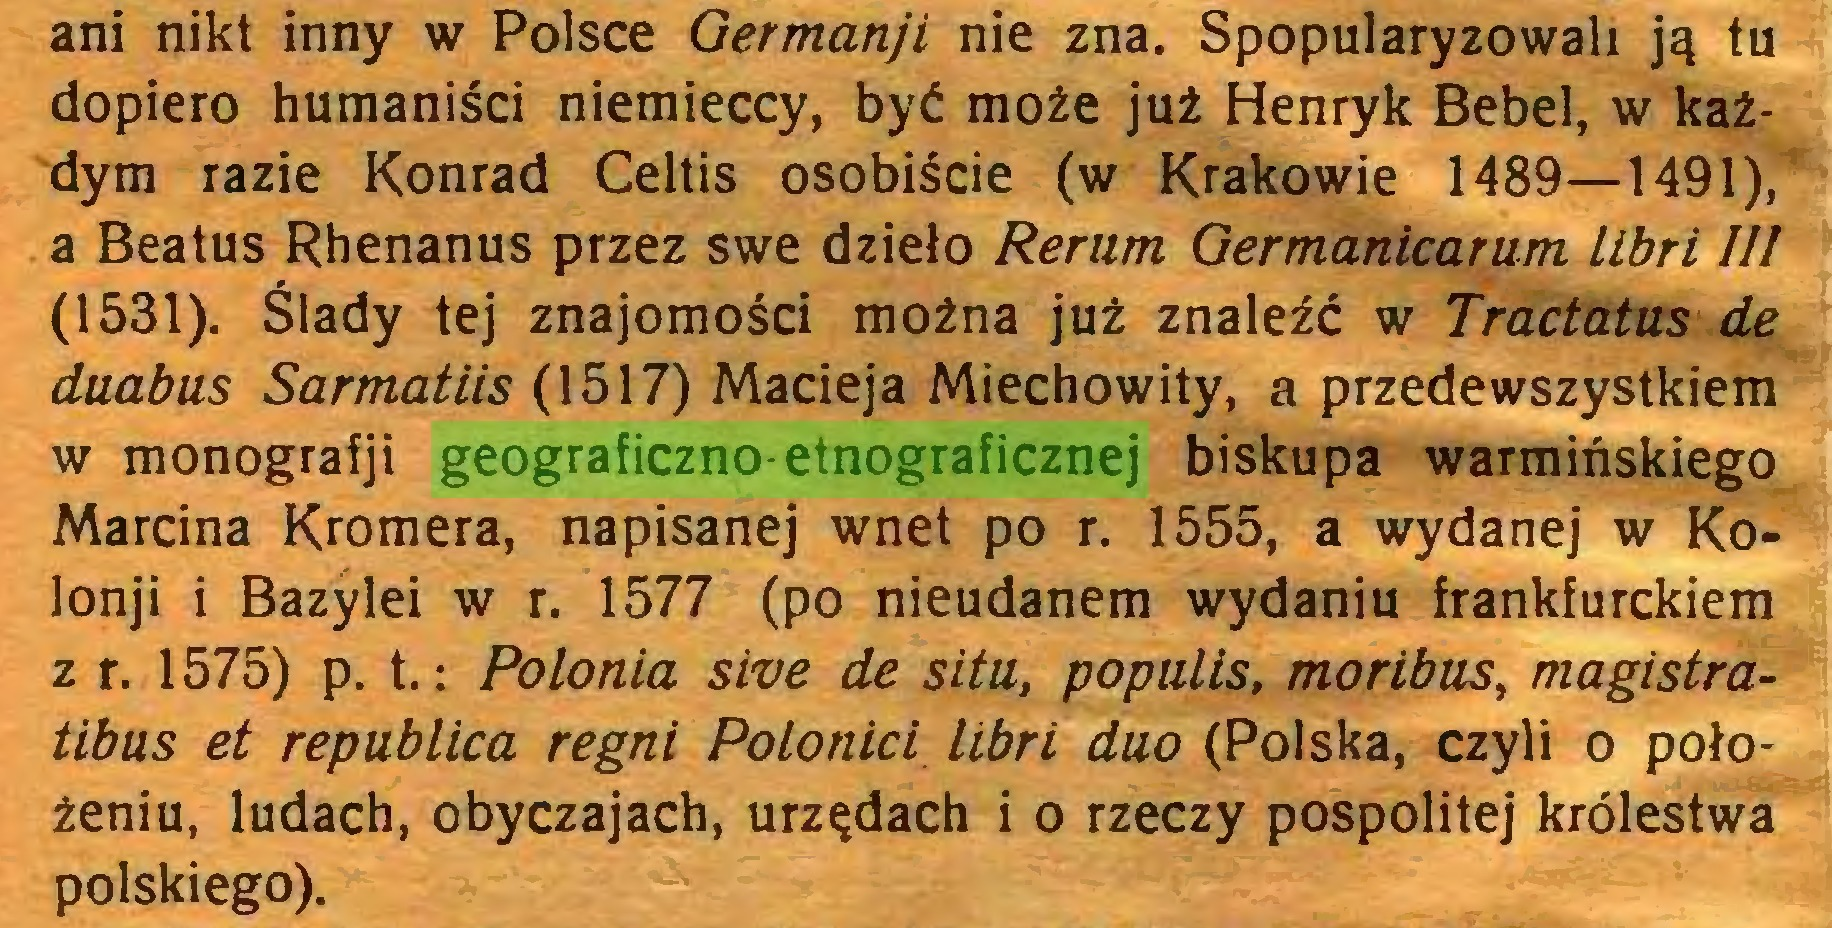 (...) ani nikt inny w Polsce Germanji nie zna. Spopularyzowali ją tu dopiero humaniści niemieccy, być może już Henryk Bebel, w każdym razie Konrad Celtis osobiście (w Krakowie 1489—1491), a Beatus Rhenanus przez swe dzieło Rerum Germanicarum libri III (1531). Ślady tej znajomości można już znaleźć w Tractatus de duabus Sarmatiis (1517) Macieja Miechowity, a przedewszystkiem w monografji geograficzno-etnograficznej biskupa warmińskiego Marcina Kromera, napisanej wnet po r. 1555, a wydanej w Kolonji i Bazylei w r. 1577 (po nieudanem wydaniu frankfurckiem z r. 1575) p. t.: Polonia sive de situ, populis, moribus, magistratibus et república regni Polonici libri duo (Polska, czyli o położeniu, ludach, obyczajach, urzędach i o rzeczy pospolitej królestwa polskiego)...